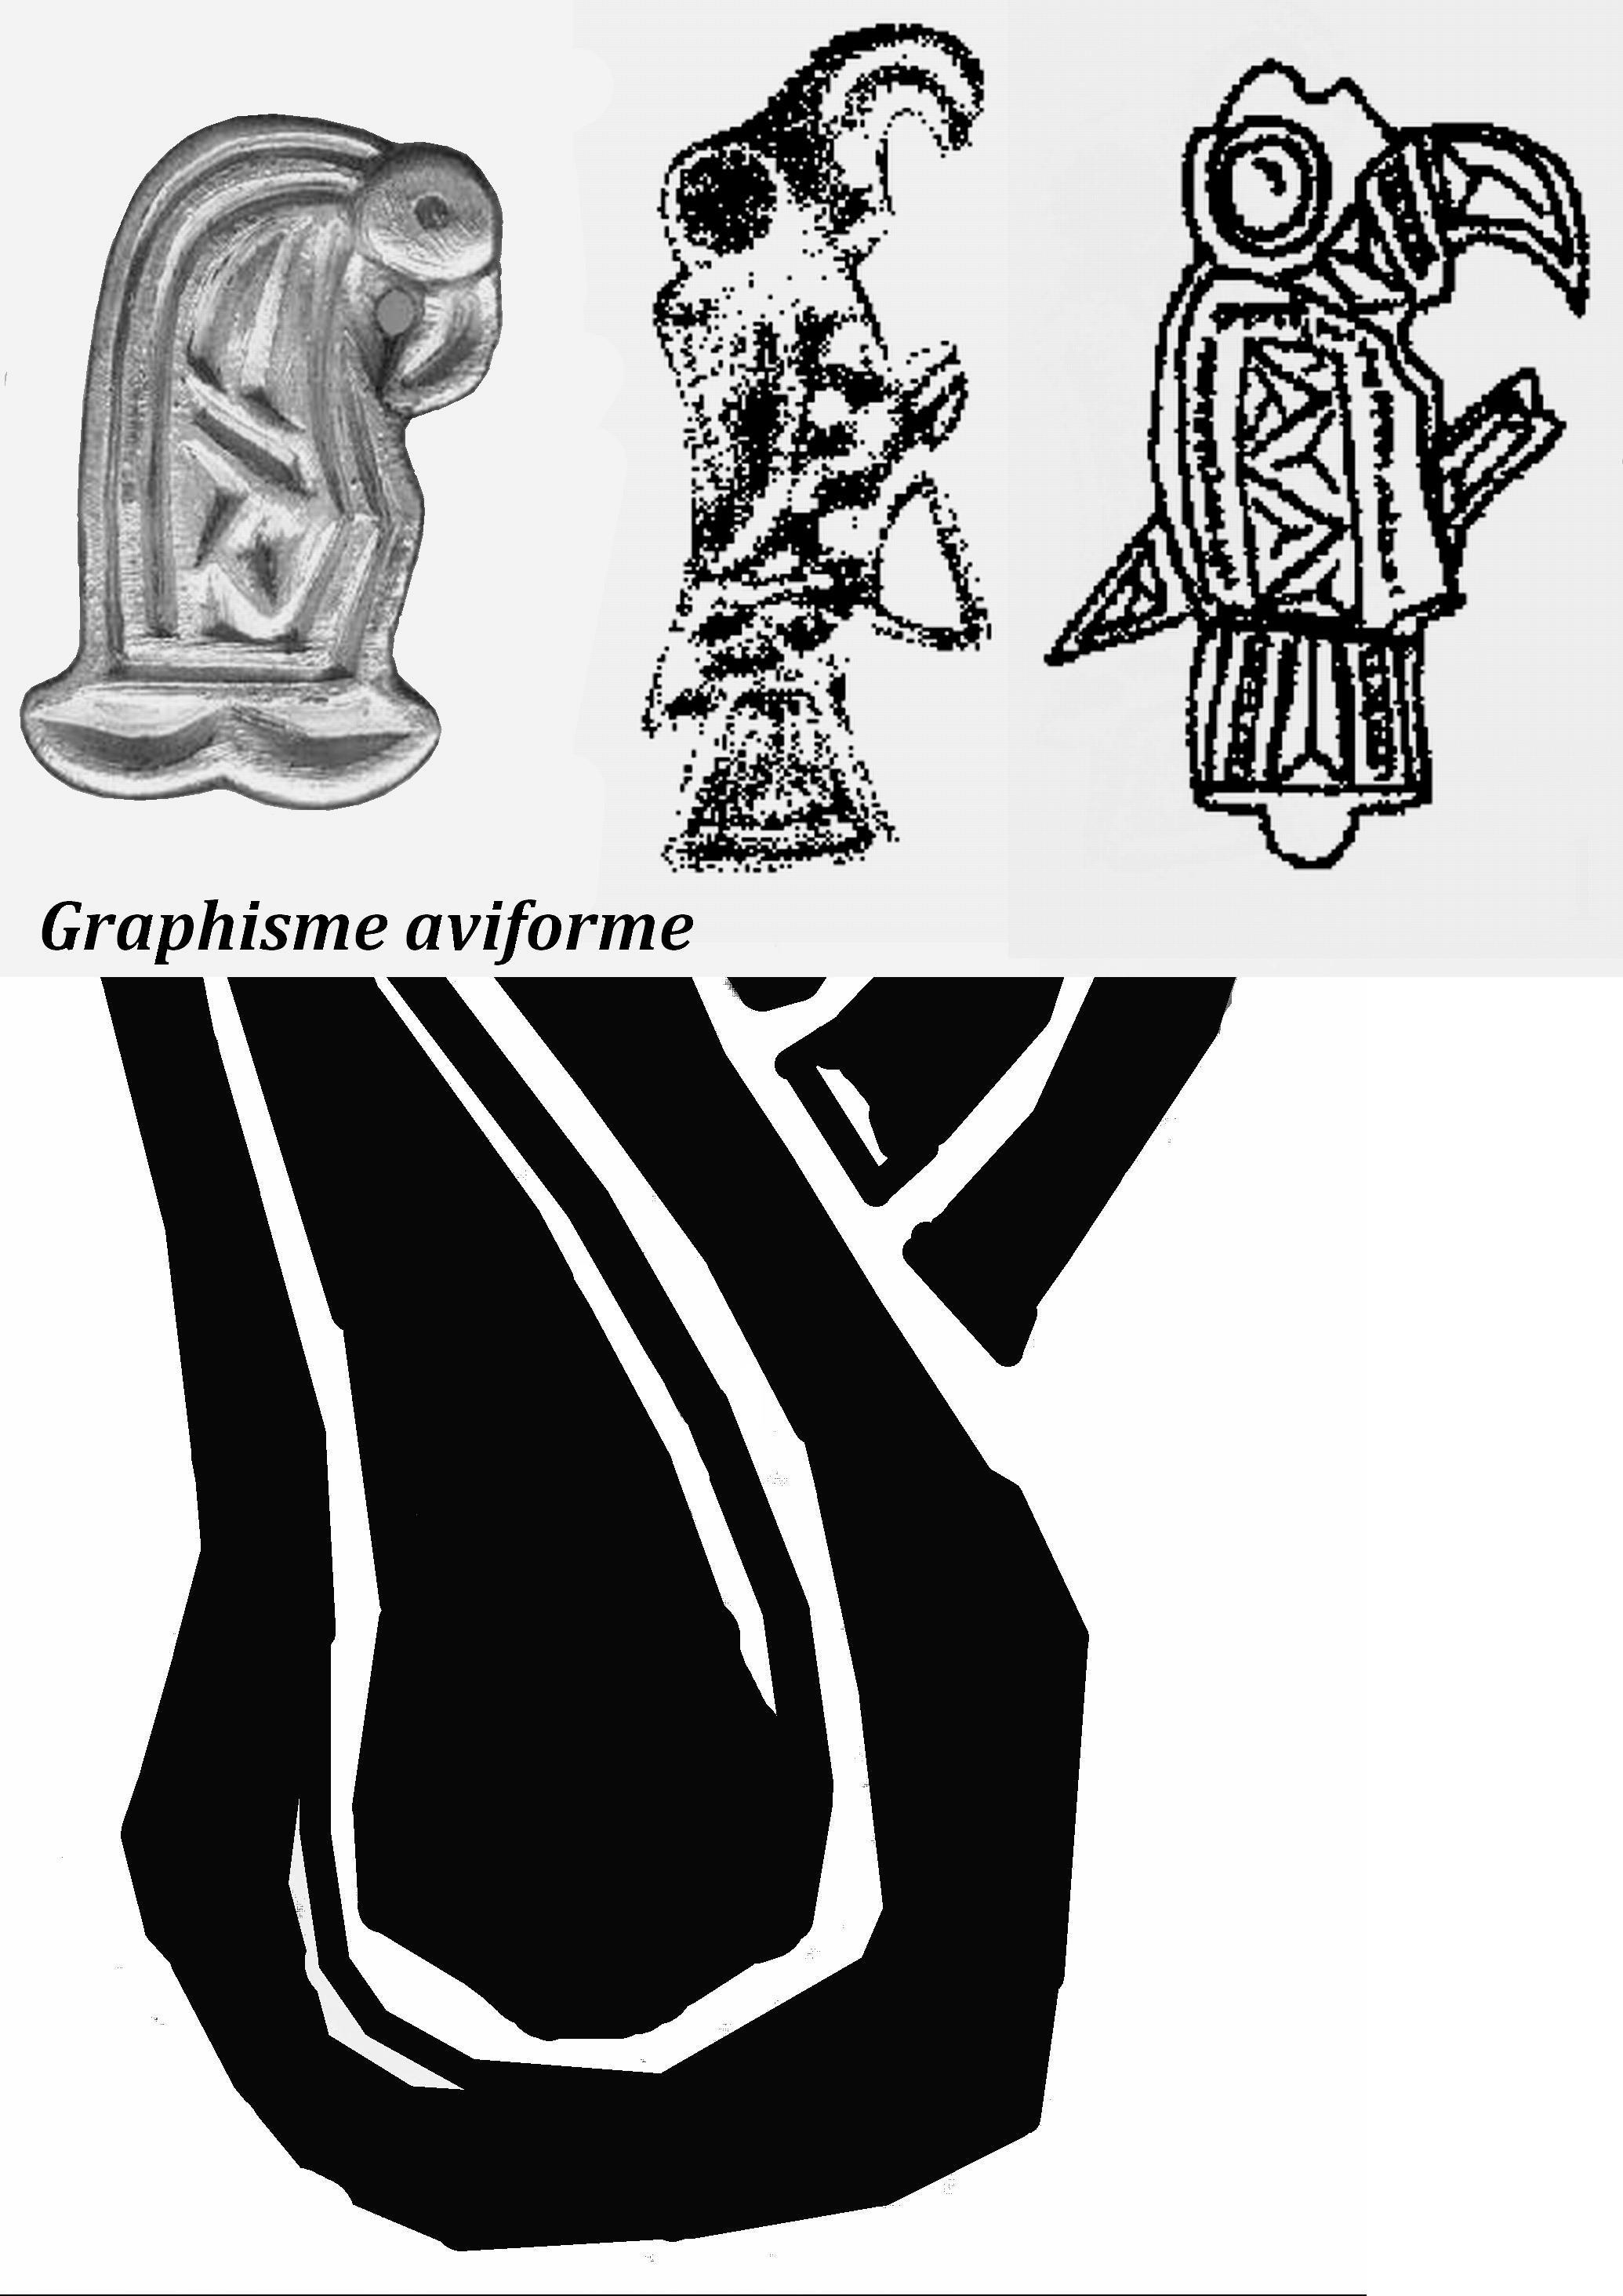 Lauragais- Graphisme aviforme, sur des plaques boucles de la région de St-Felix, VII°s-  DAGOBERT 1°- 3)BIOGRAPHIE. 3.2 ROI D'AUSTRASIE, 30: En matière fiscale, il ordonne la restauration du cadastre, le versement annuel d'une redevance par les Grands. Les levées exceptionnelles sont supprimées et le droit de gîte et l'hospitalité, qui permet au roi et son escorte de bénéficier d'un hébergement et de subsistance, n'est plus accablant et des dédommagements sont accordés aux cotés d'accueil.